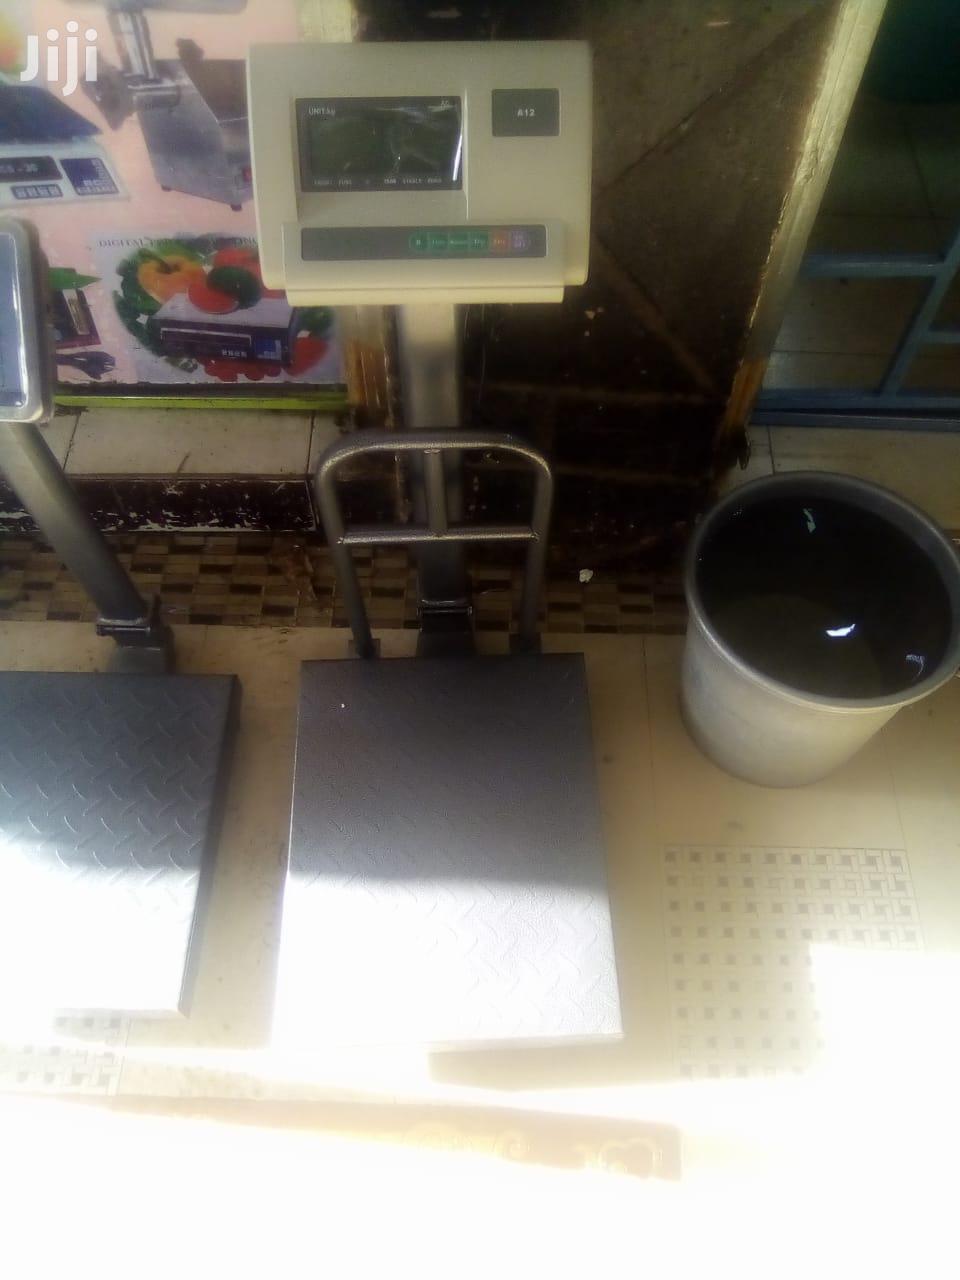 Weighng Scale | Store Equipment for sale in Thika, Kiambu, Kenya